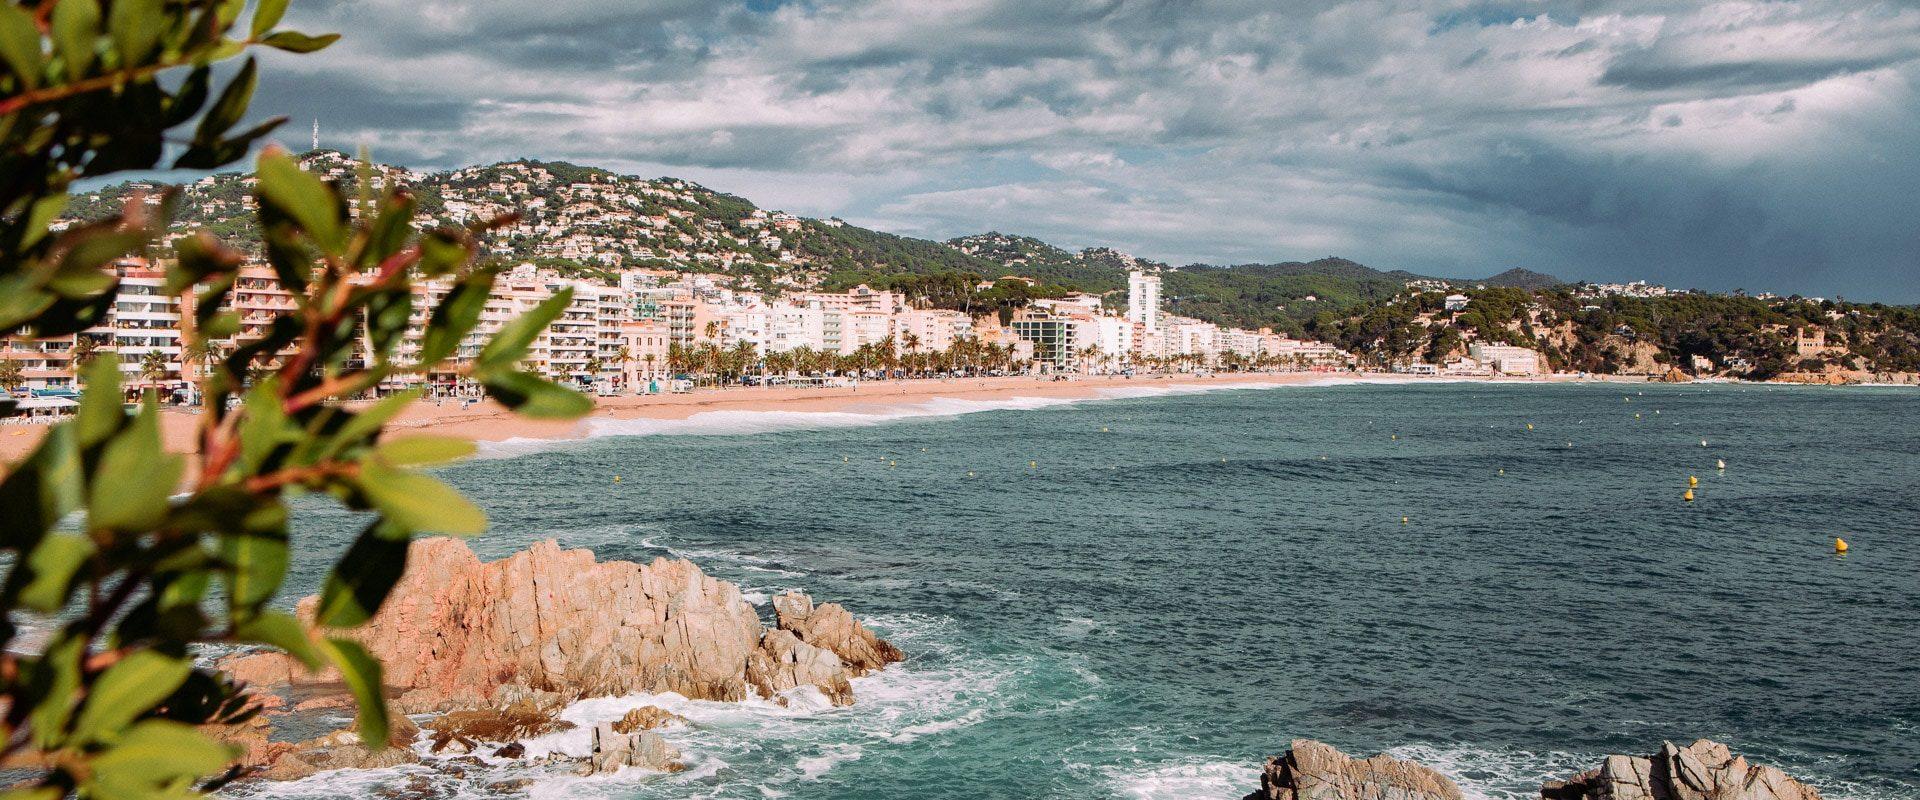 Costa Brava : Une Journée à Lloret De Mar